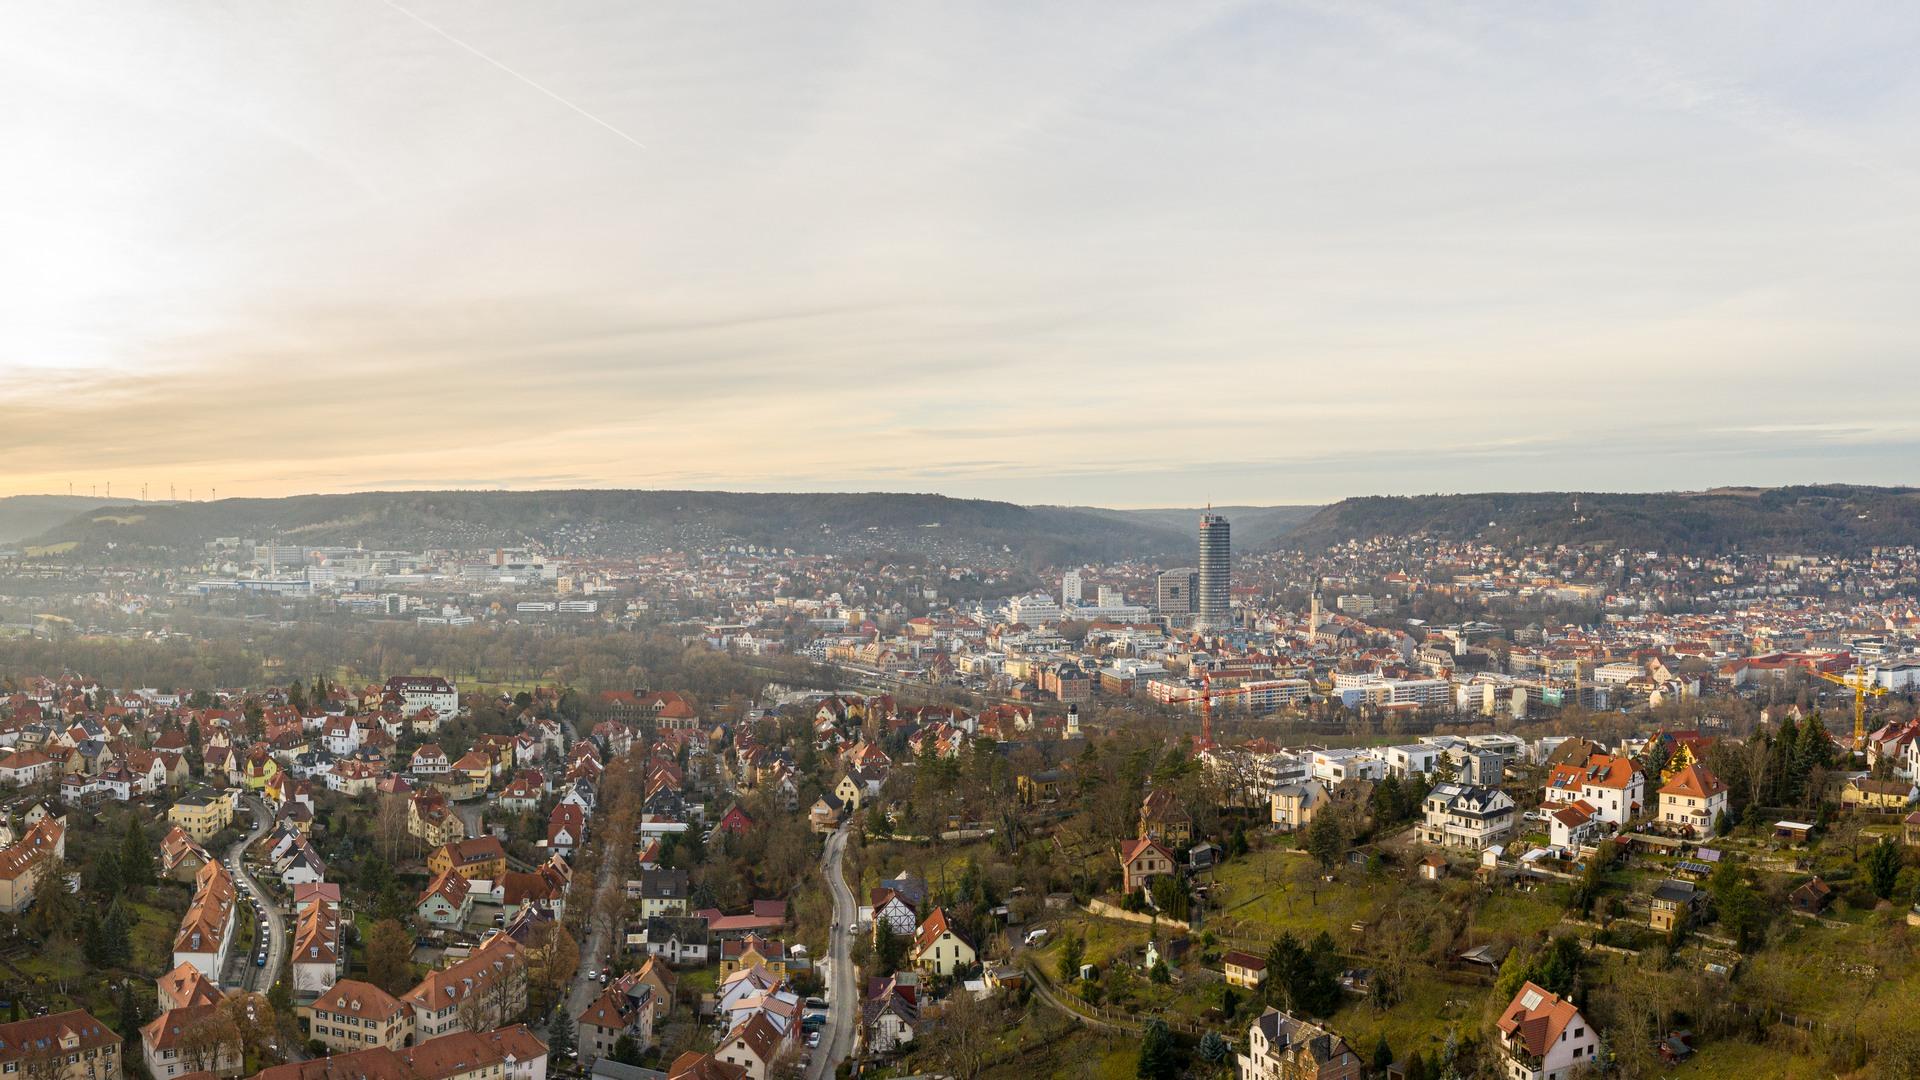 Werbefotografie, Immobilienfotografie, Unternehmensbilder und Unternehmensfotograf in Dankerode